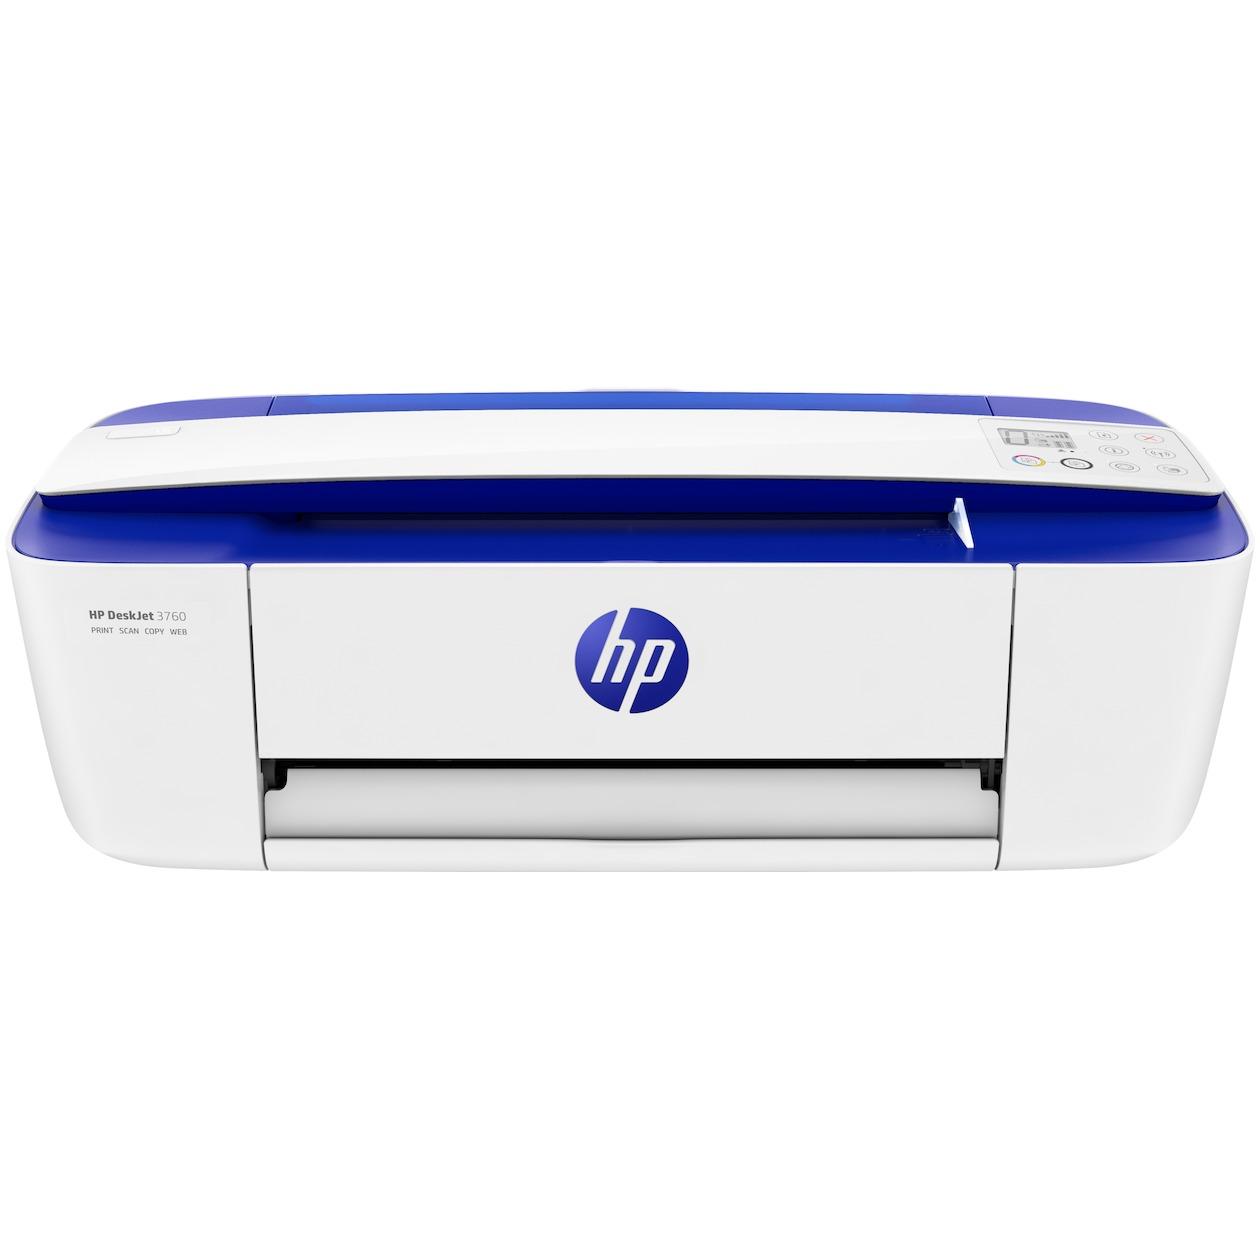 HP all-in-one inkjet printer DeskJet 3760 blauw